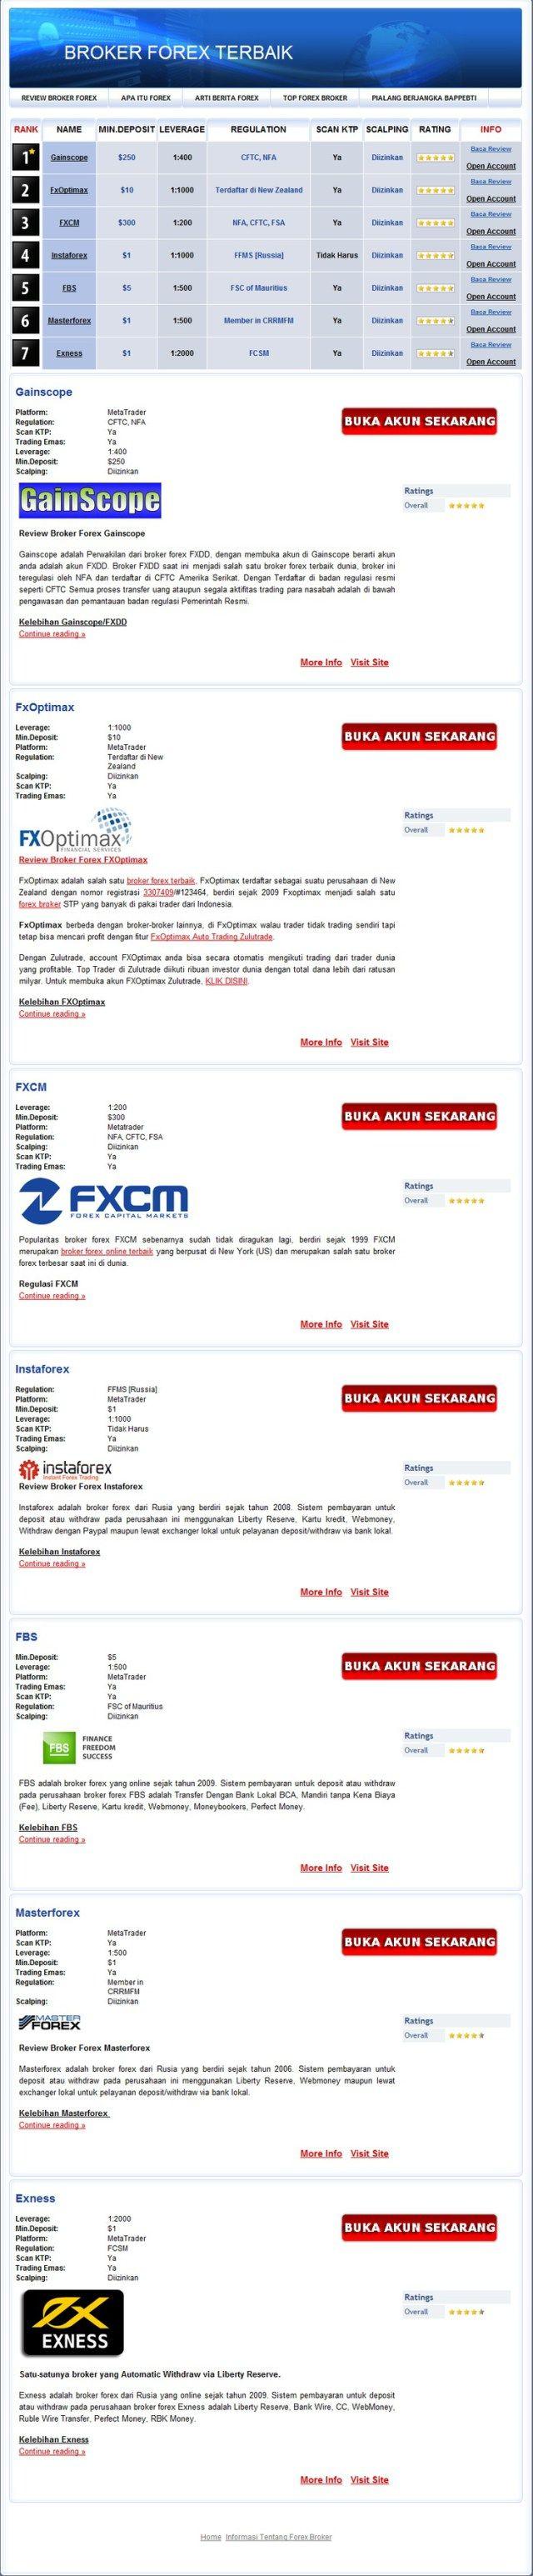 Broker forex terbaik мобильный форекс пополнение черезсмс